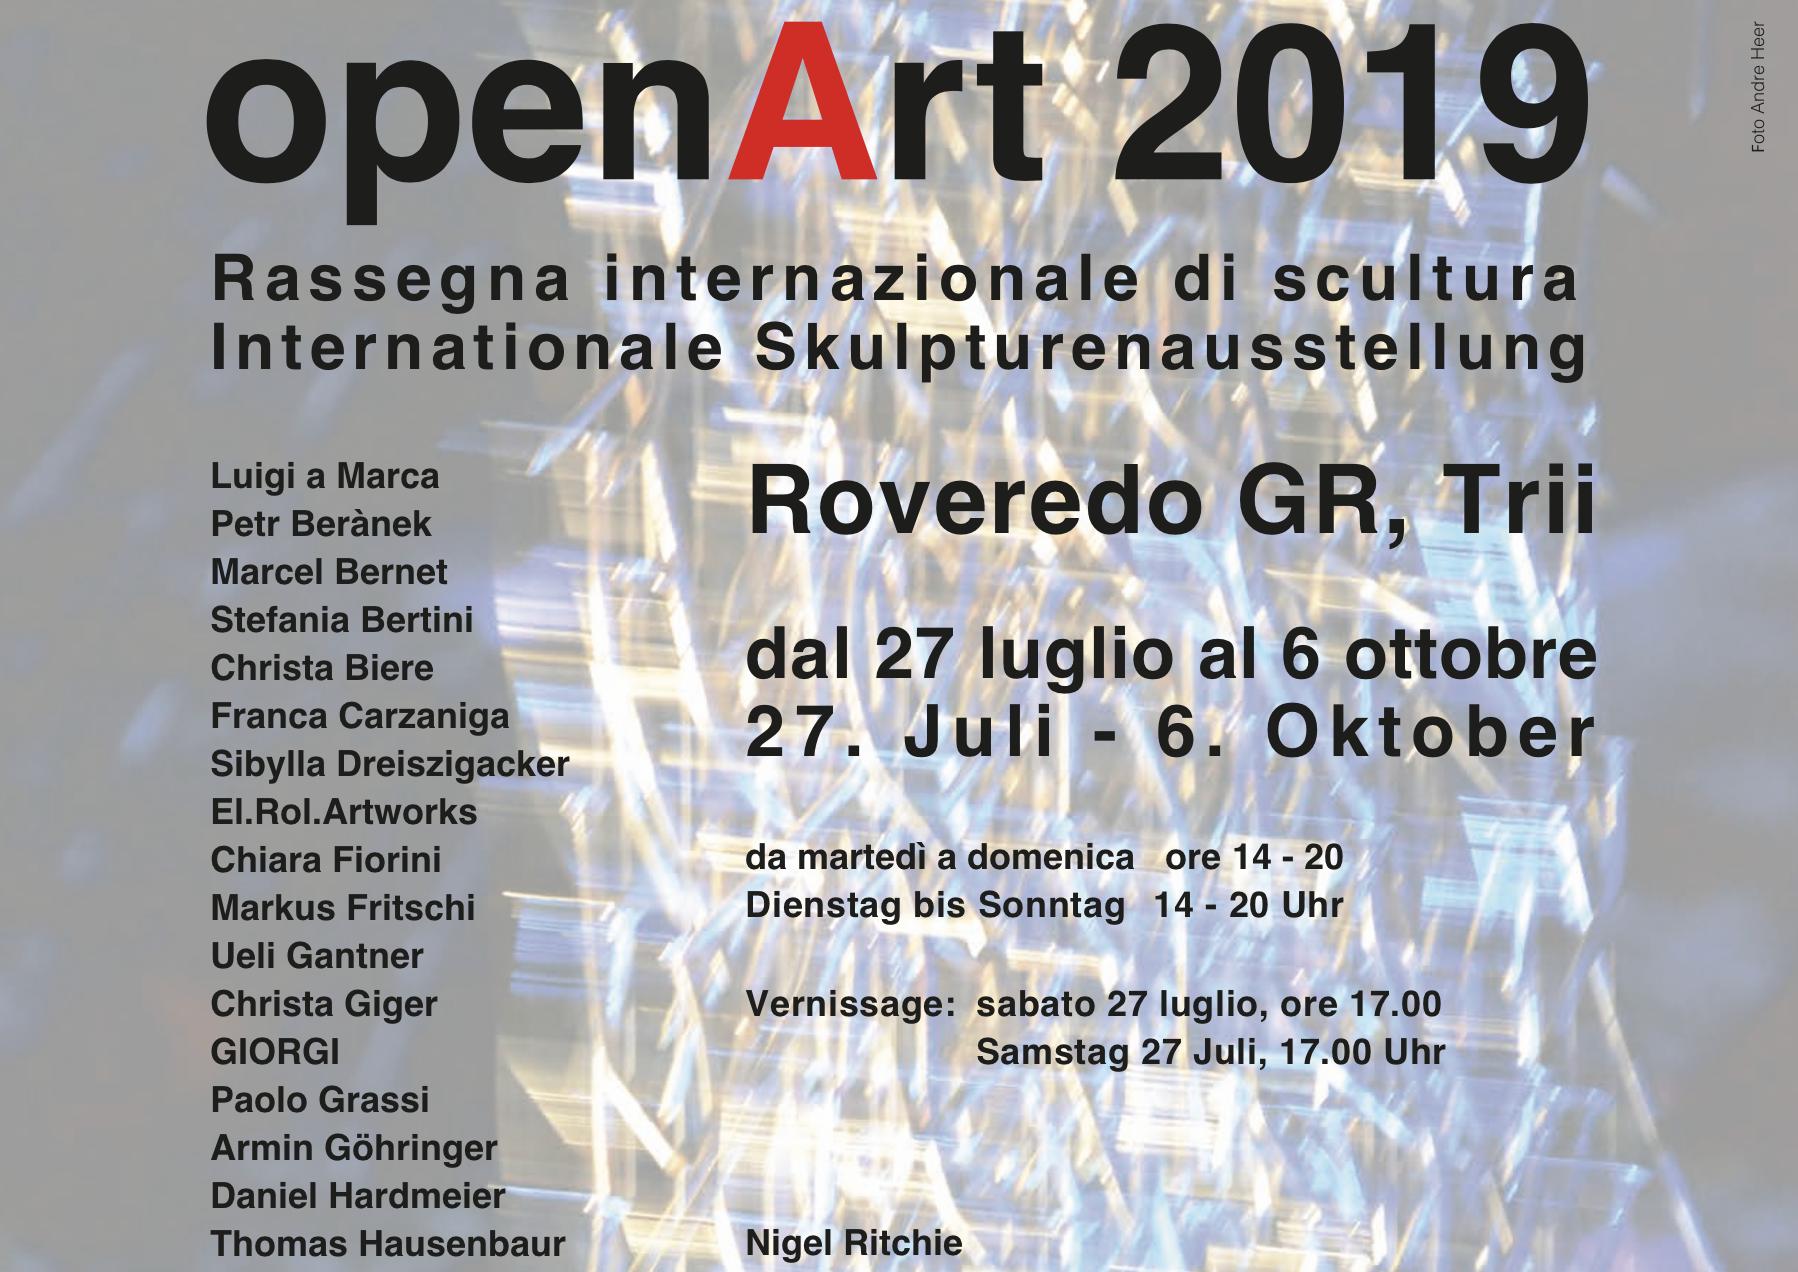 openArt - 2019 Roveredo GR